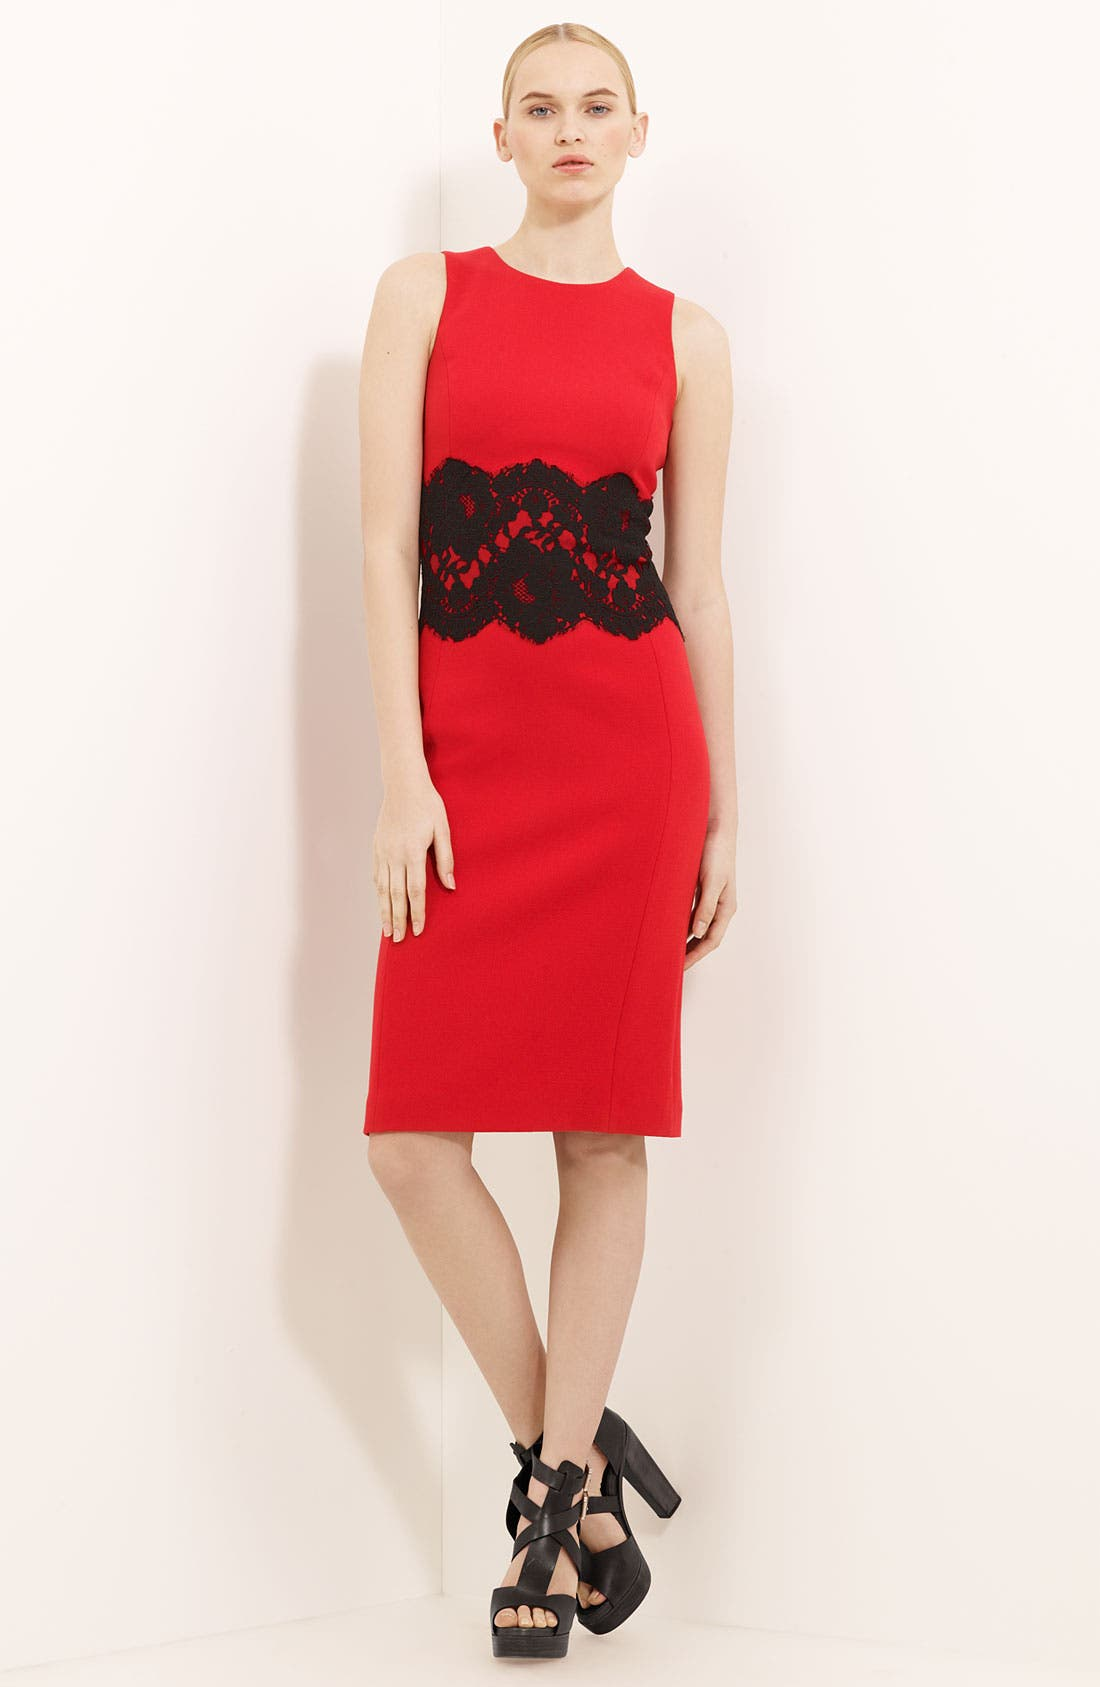 Alternate Image 1 Selected - Michael Kors Lace Detail Bouclé Dress